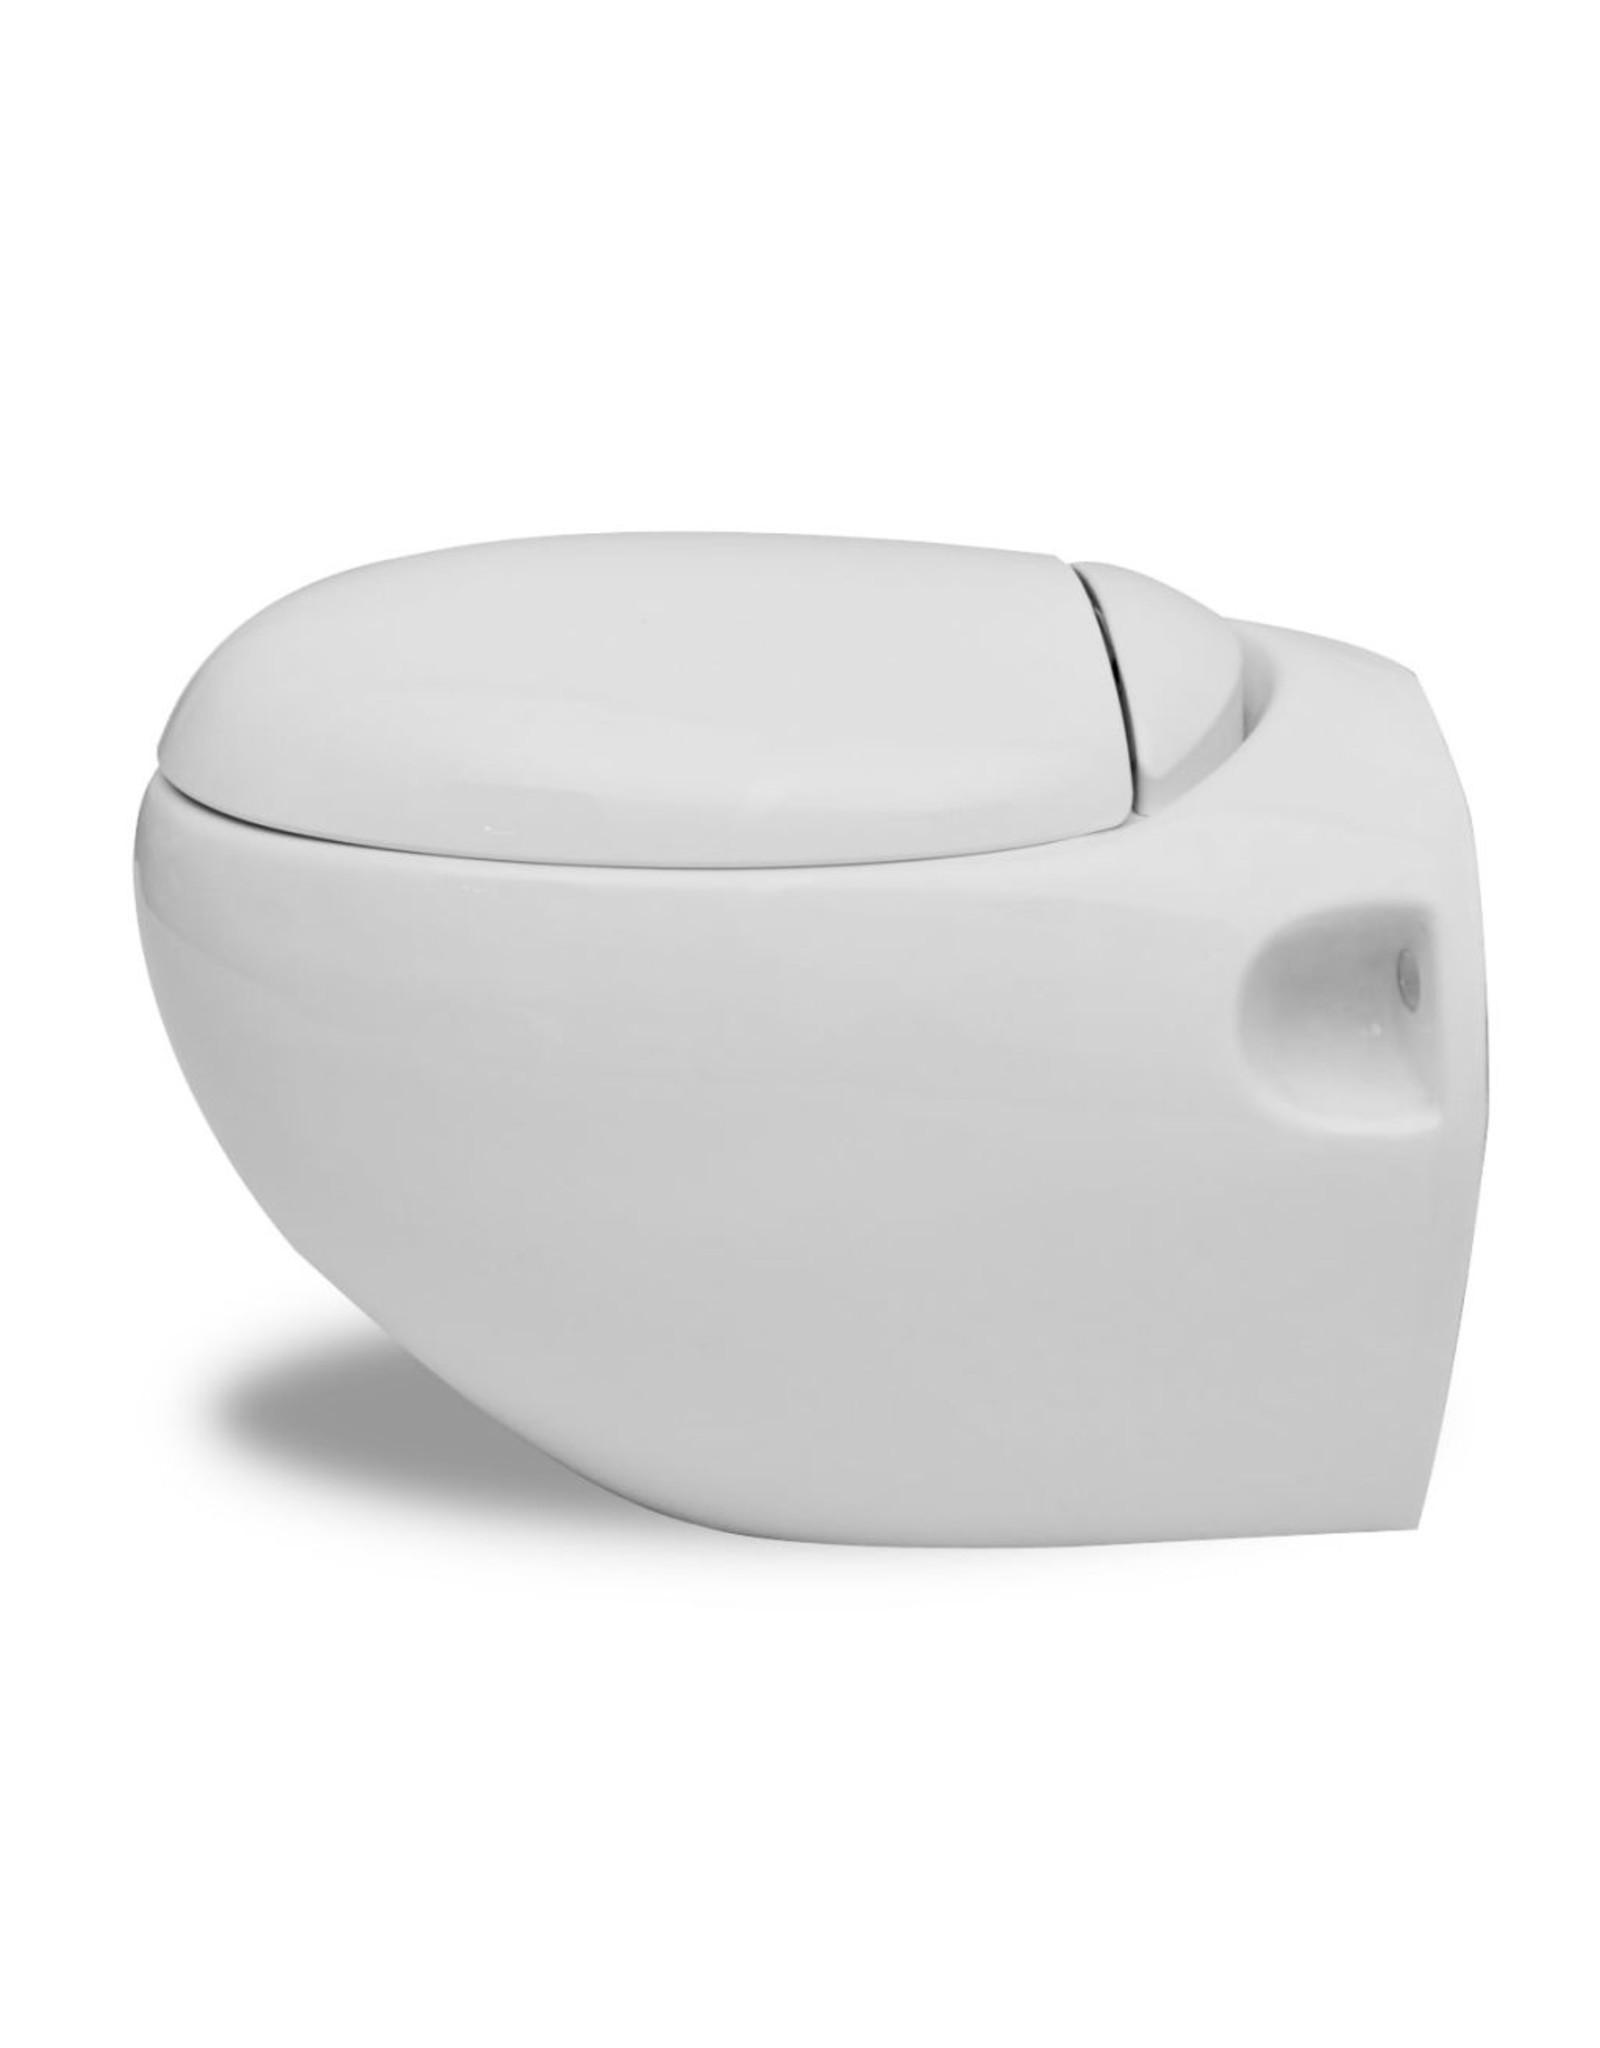 Nieuw Wandtoilet Ei-design hangend wit